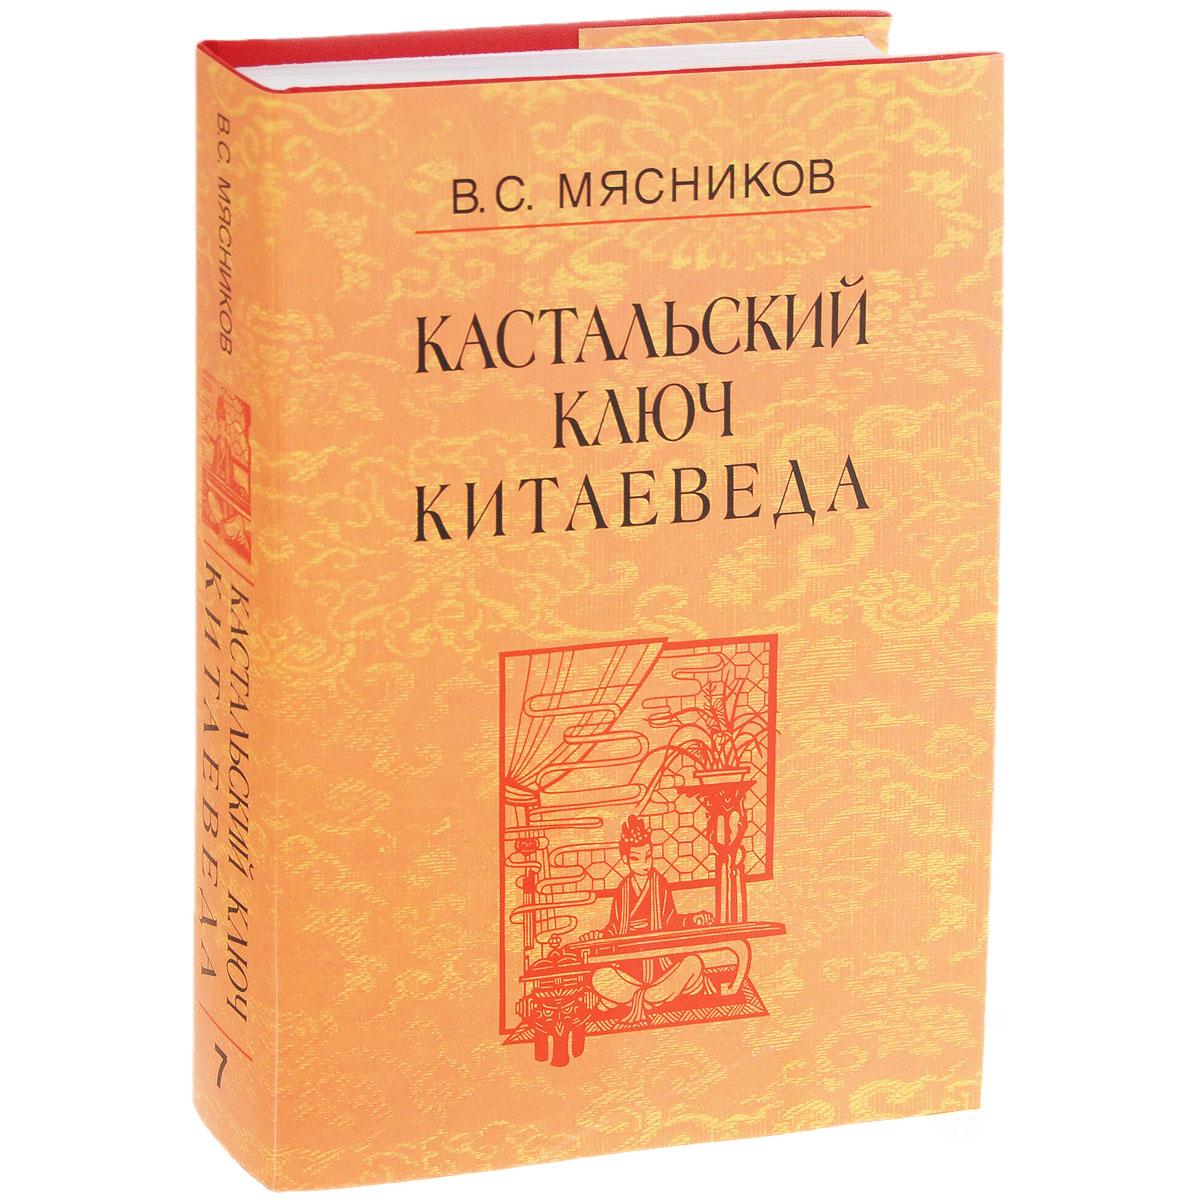 Кастальский ключ китаеведа. Сочинения в 7 томах. Том 7. Китайская рапсодия